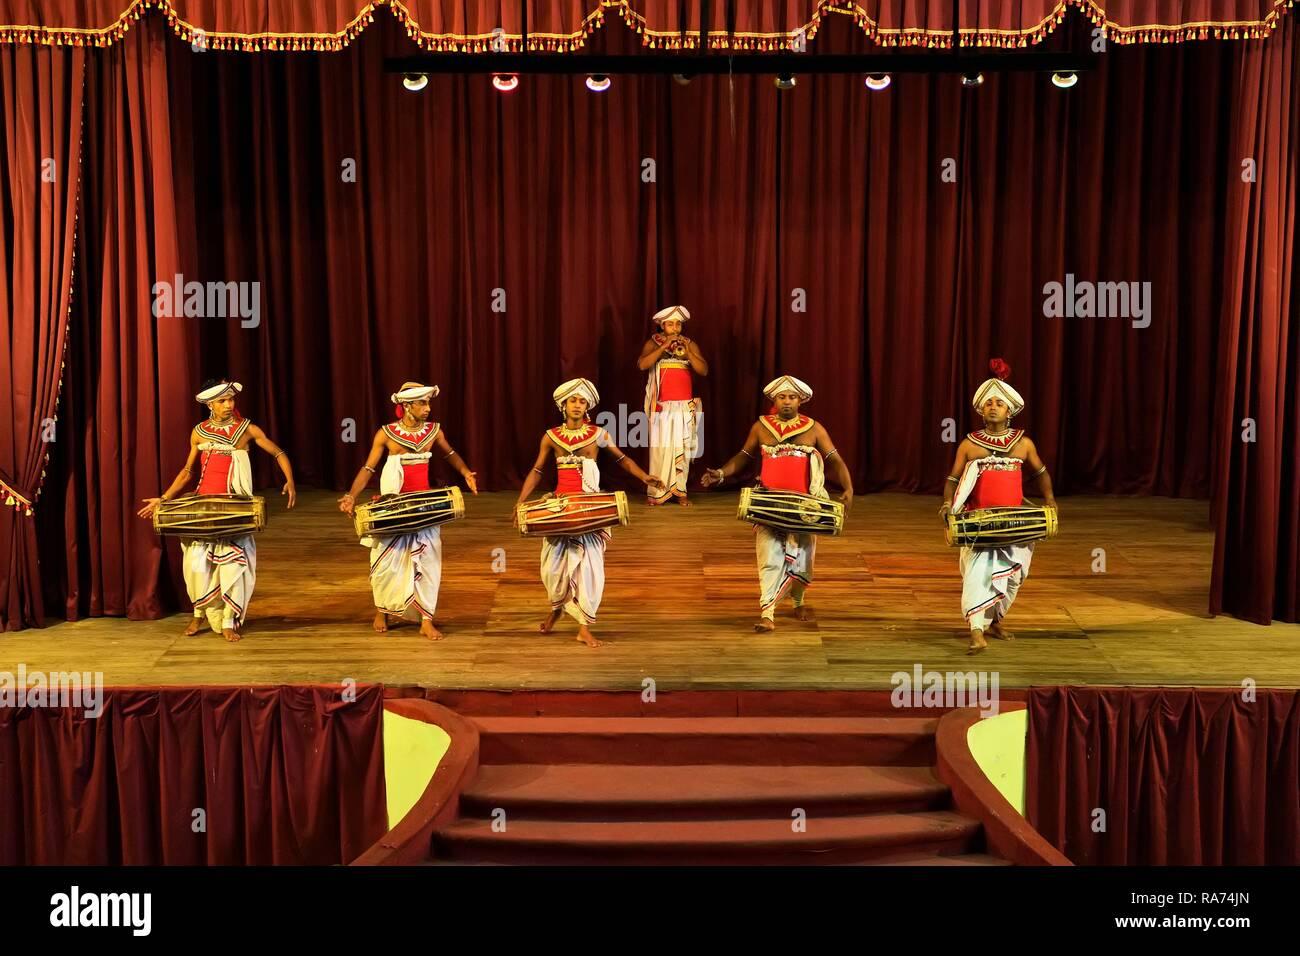 El baterista en un espectáculo de bailarines de Kandy, Kandy, Sri Lanka, la Provincia Central Foto de stock